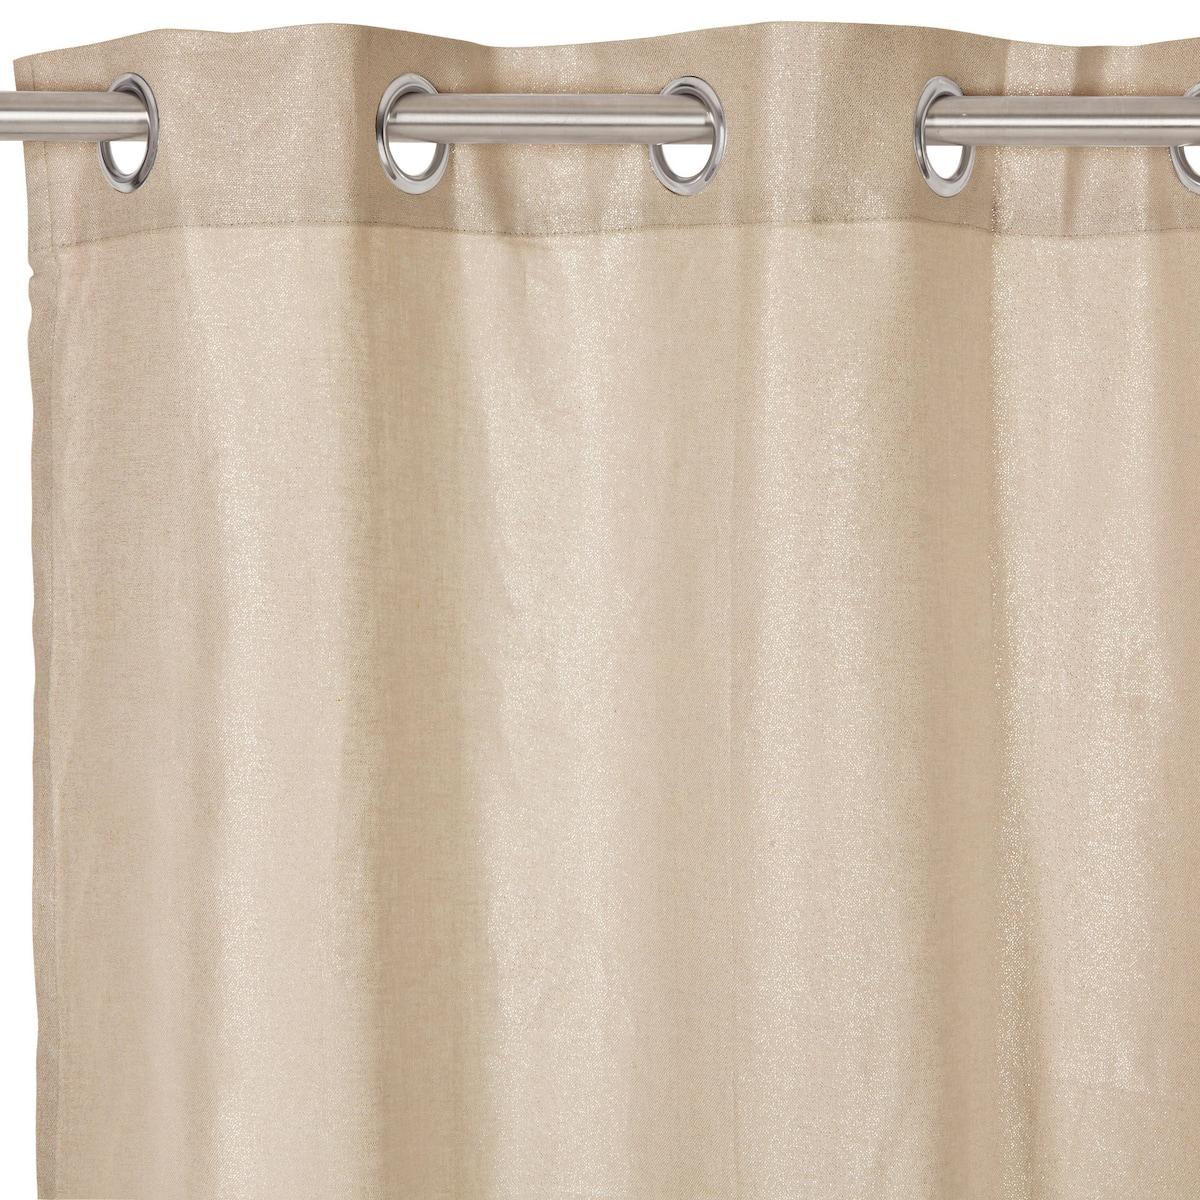 Cómo combinar las cortinas de zara home 1